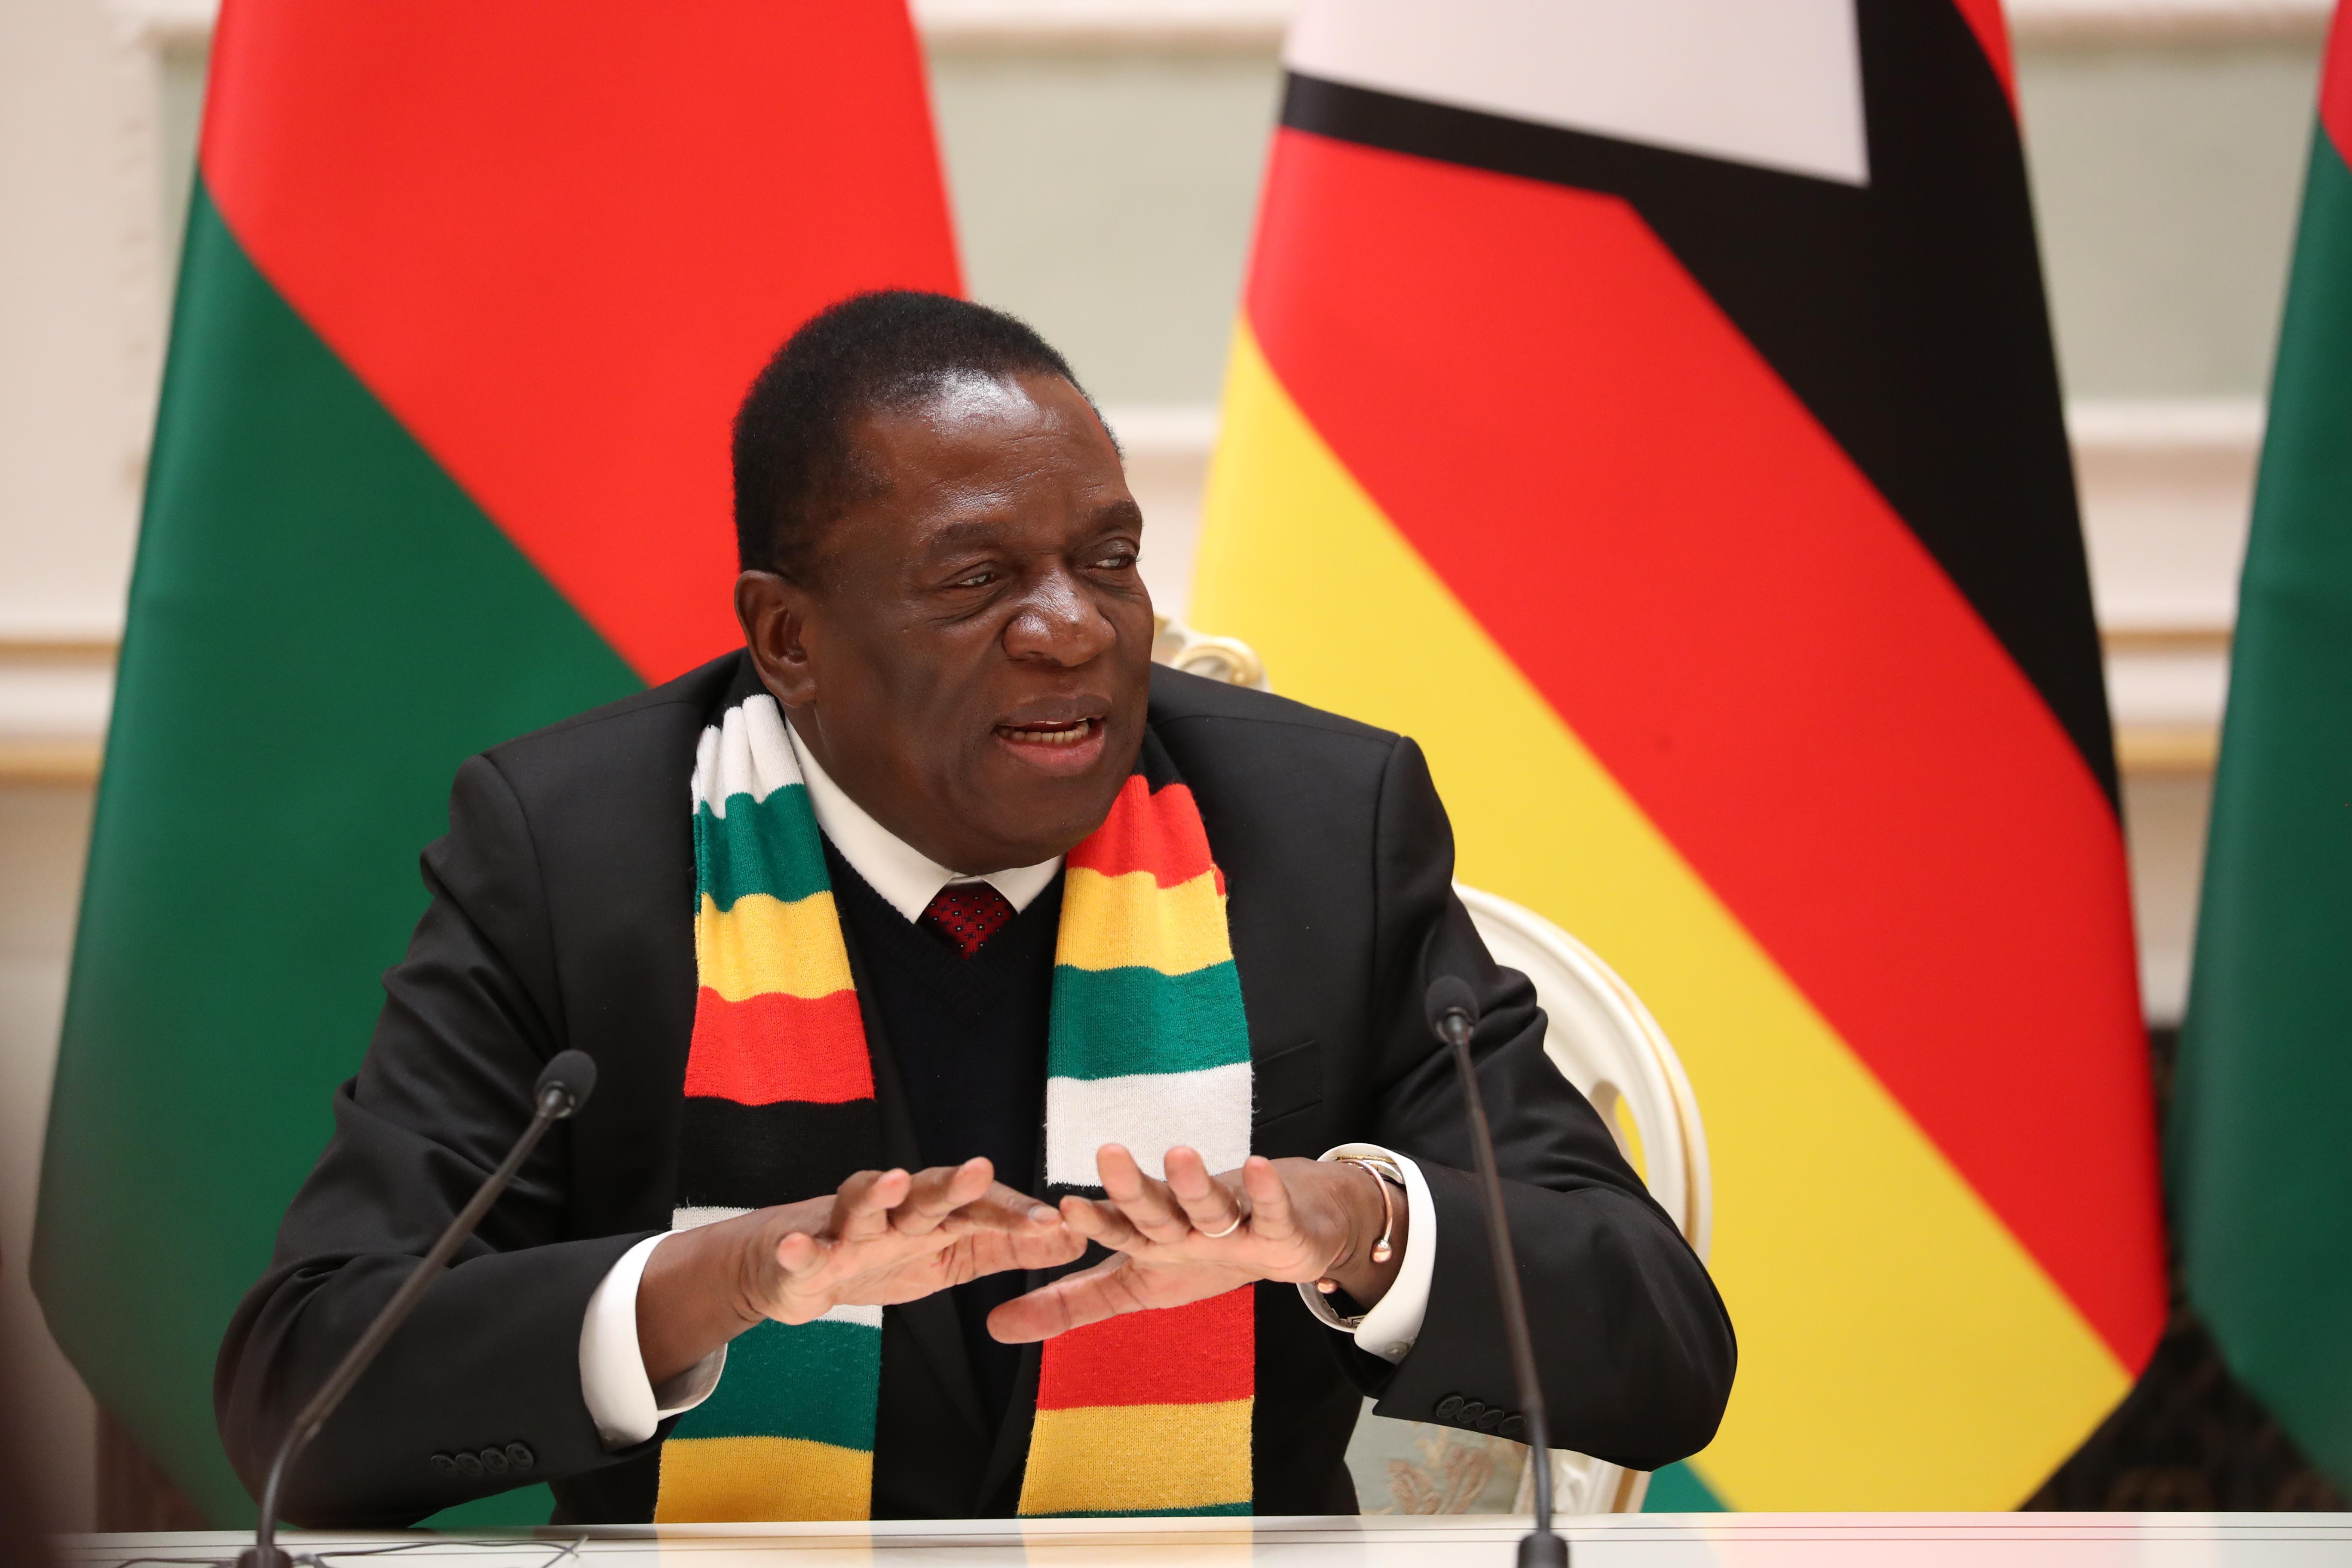 Zimbabwe's Mnangagwa talks up currency reform but business wary